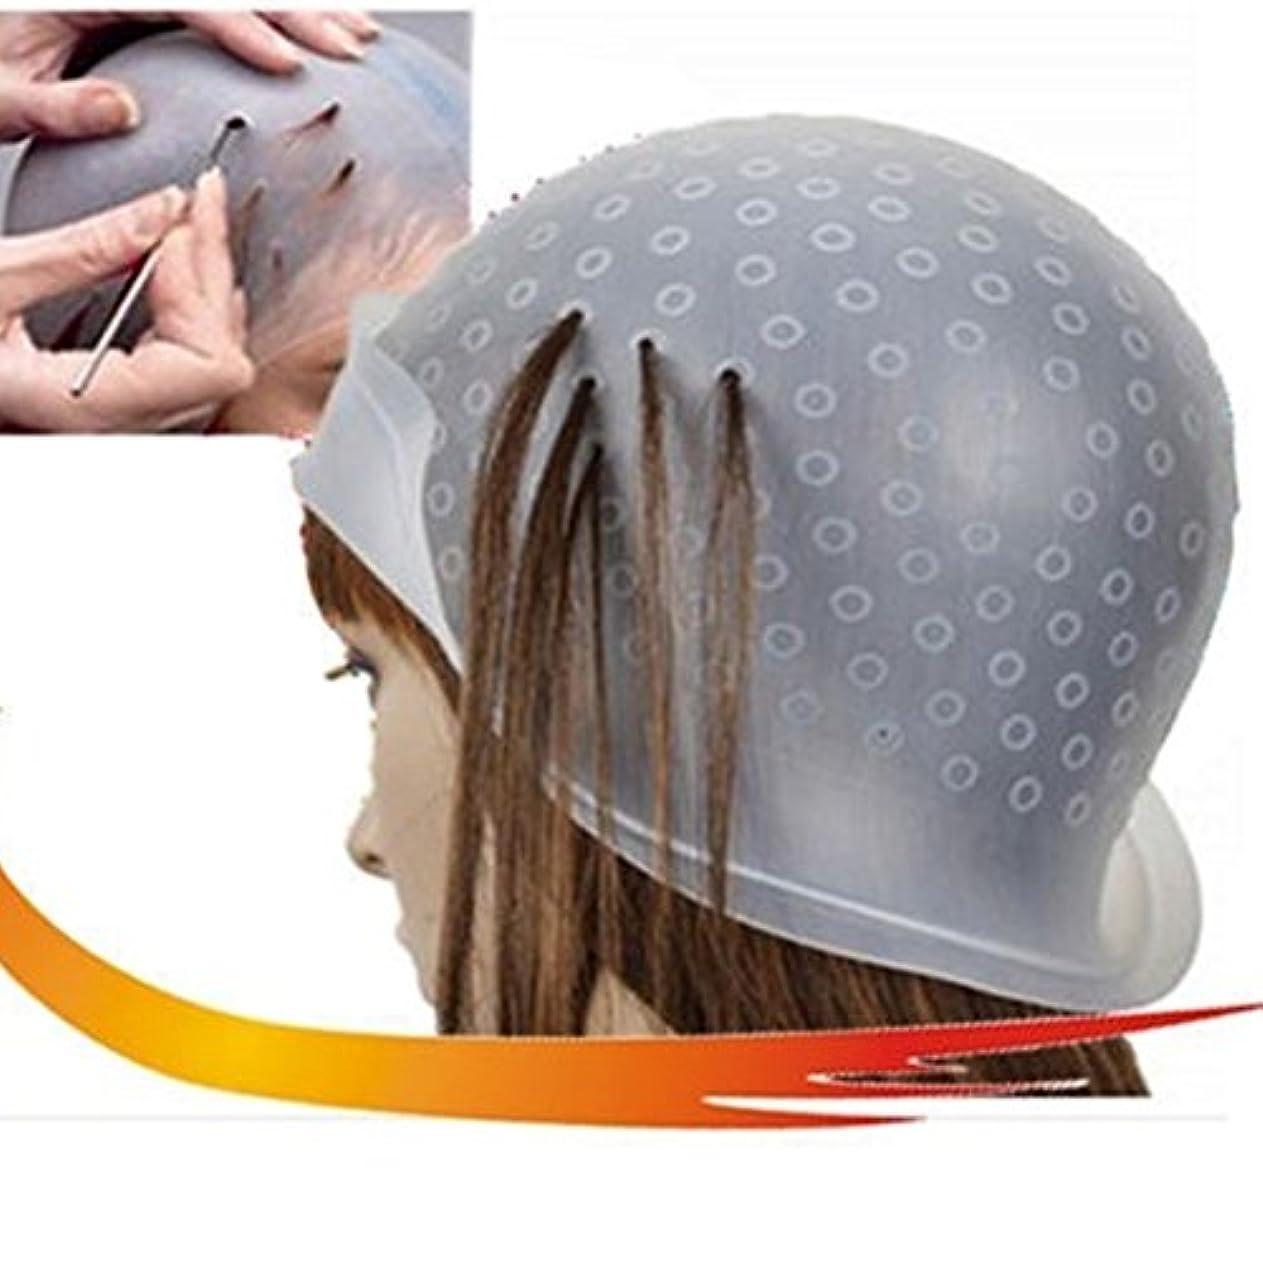 加速するゆるくペインティング染料フロスティングキャップ、再利用可能なシリコーンヘアカラーリングキャップ、髪を強調するキャップサロンヘアカラーリング染料キャップヘアスタイリングツール髪を染めるための針(トランスペアレント)